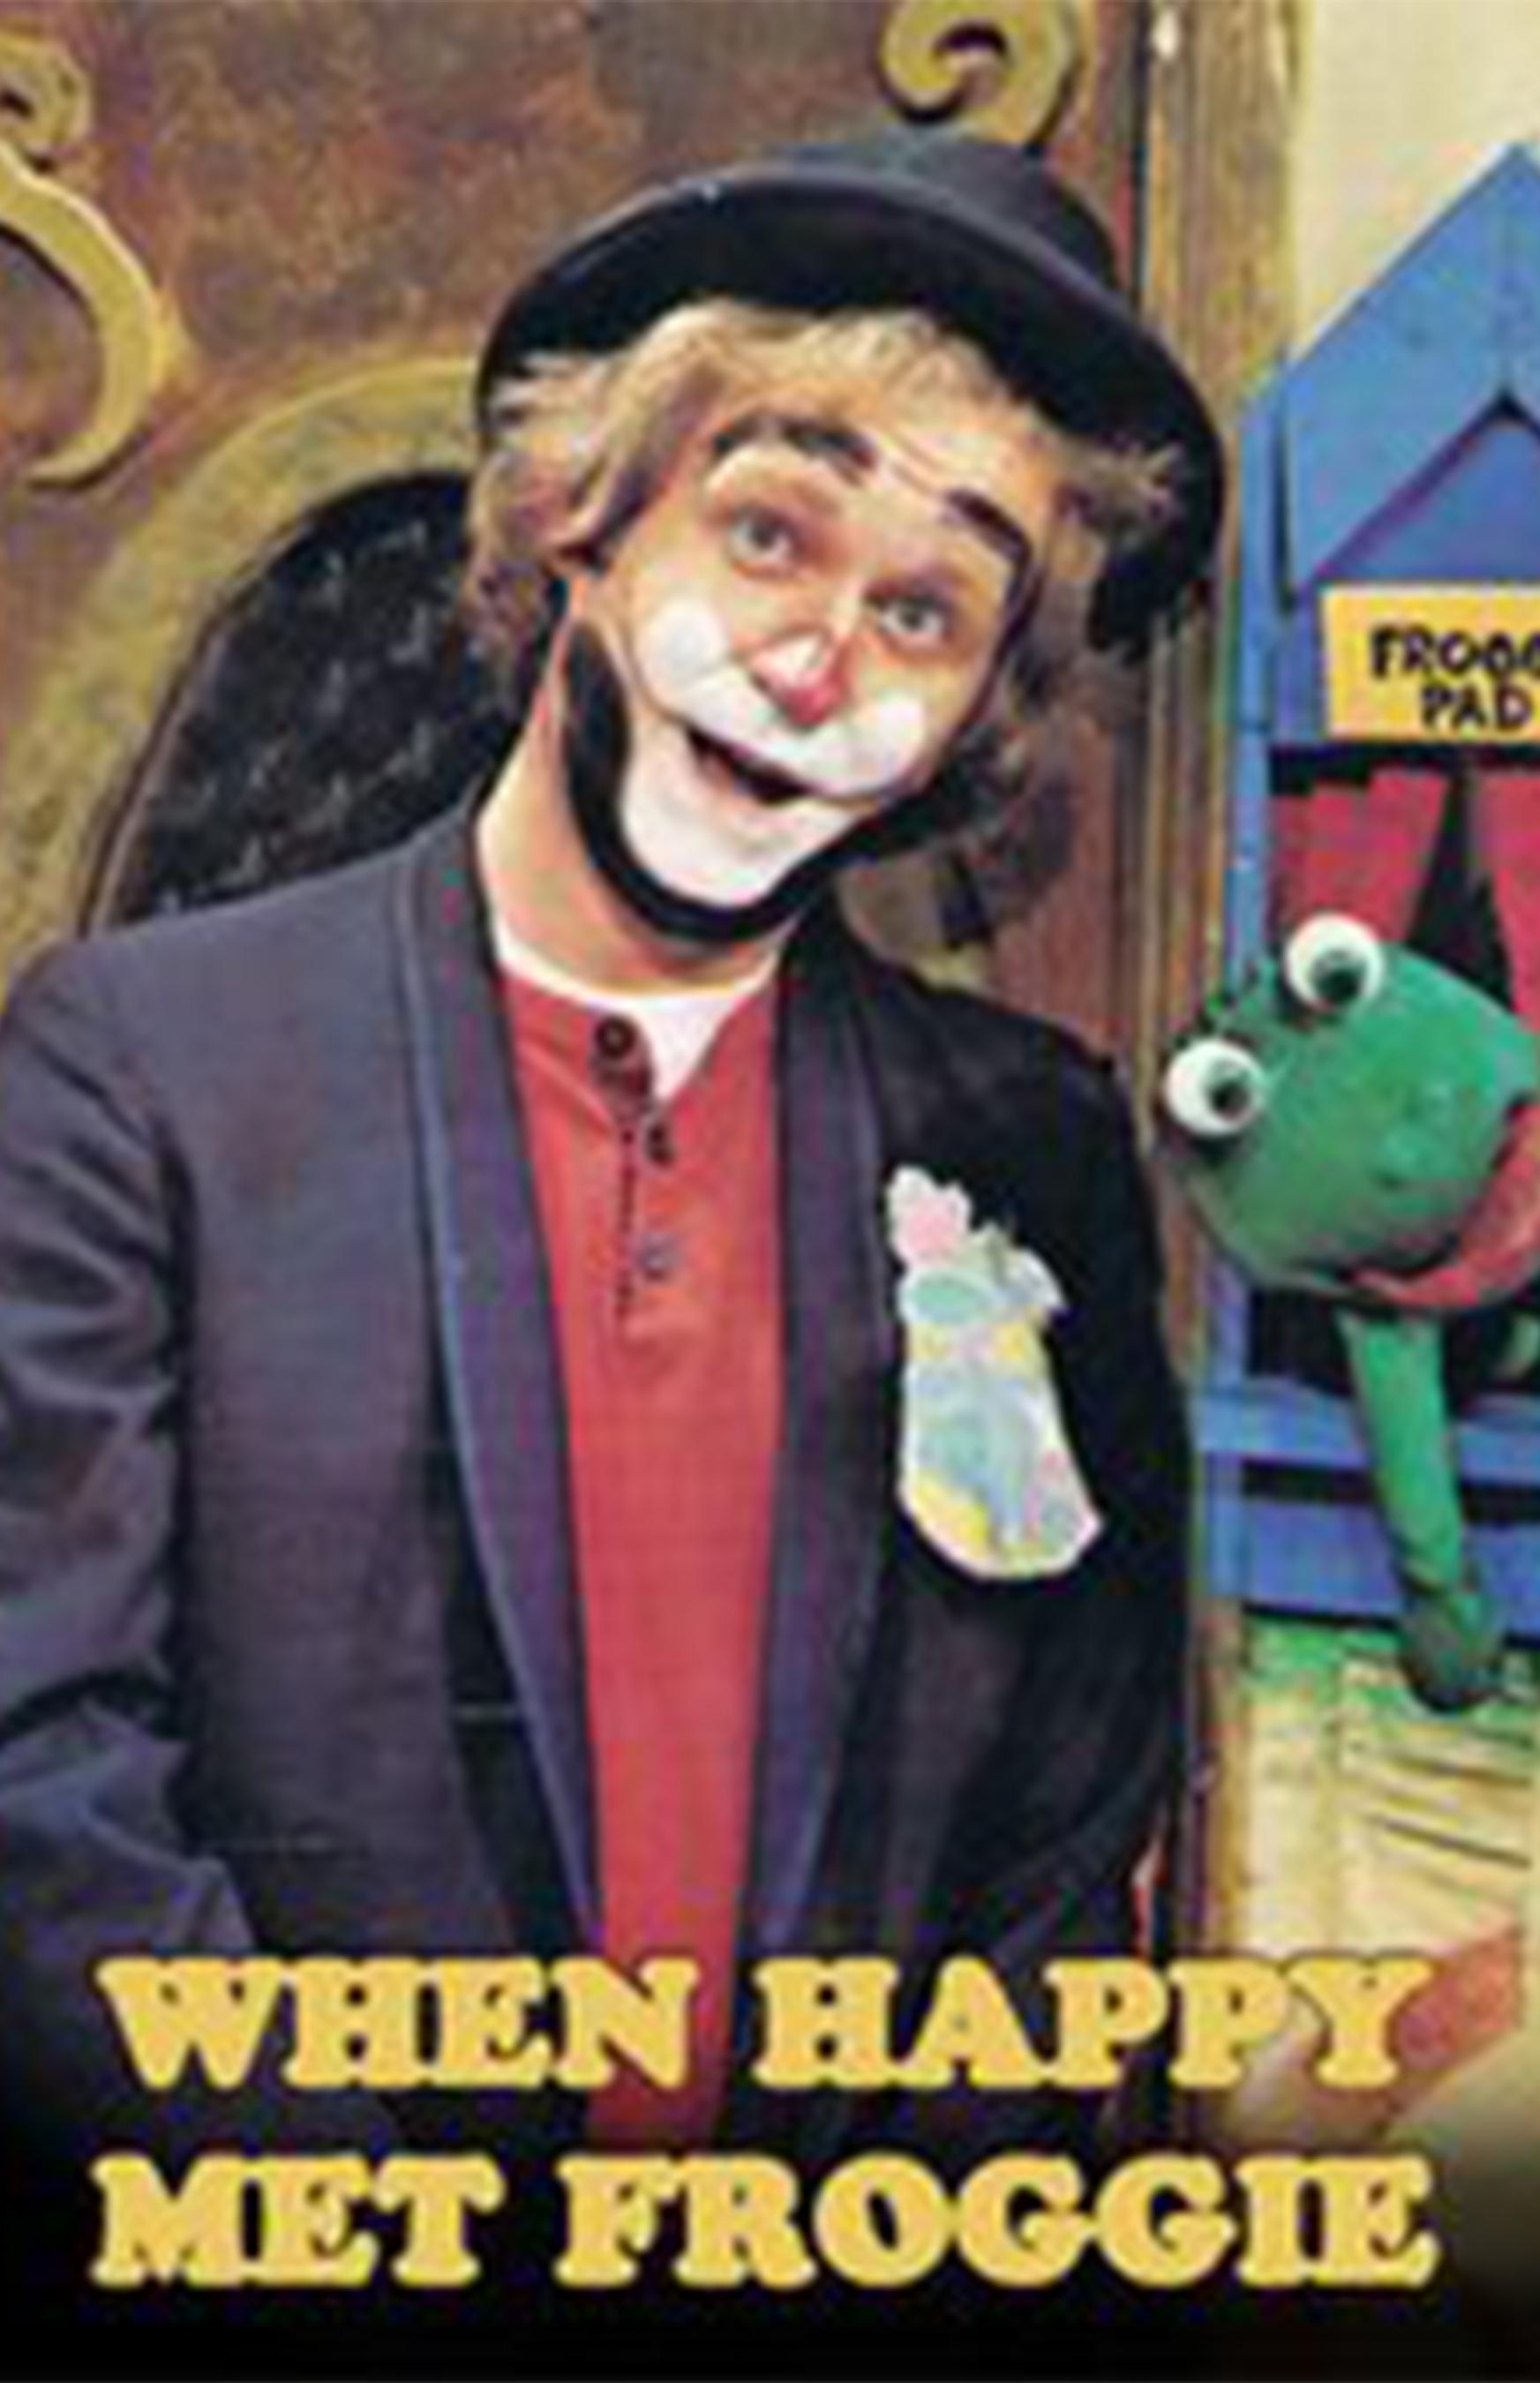 When Happy Met Froggie